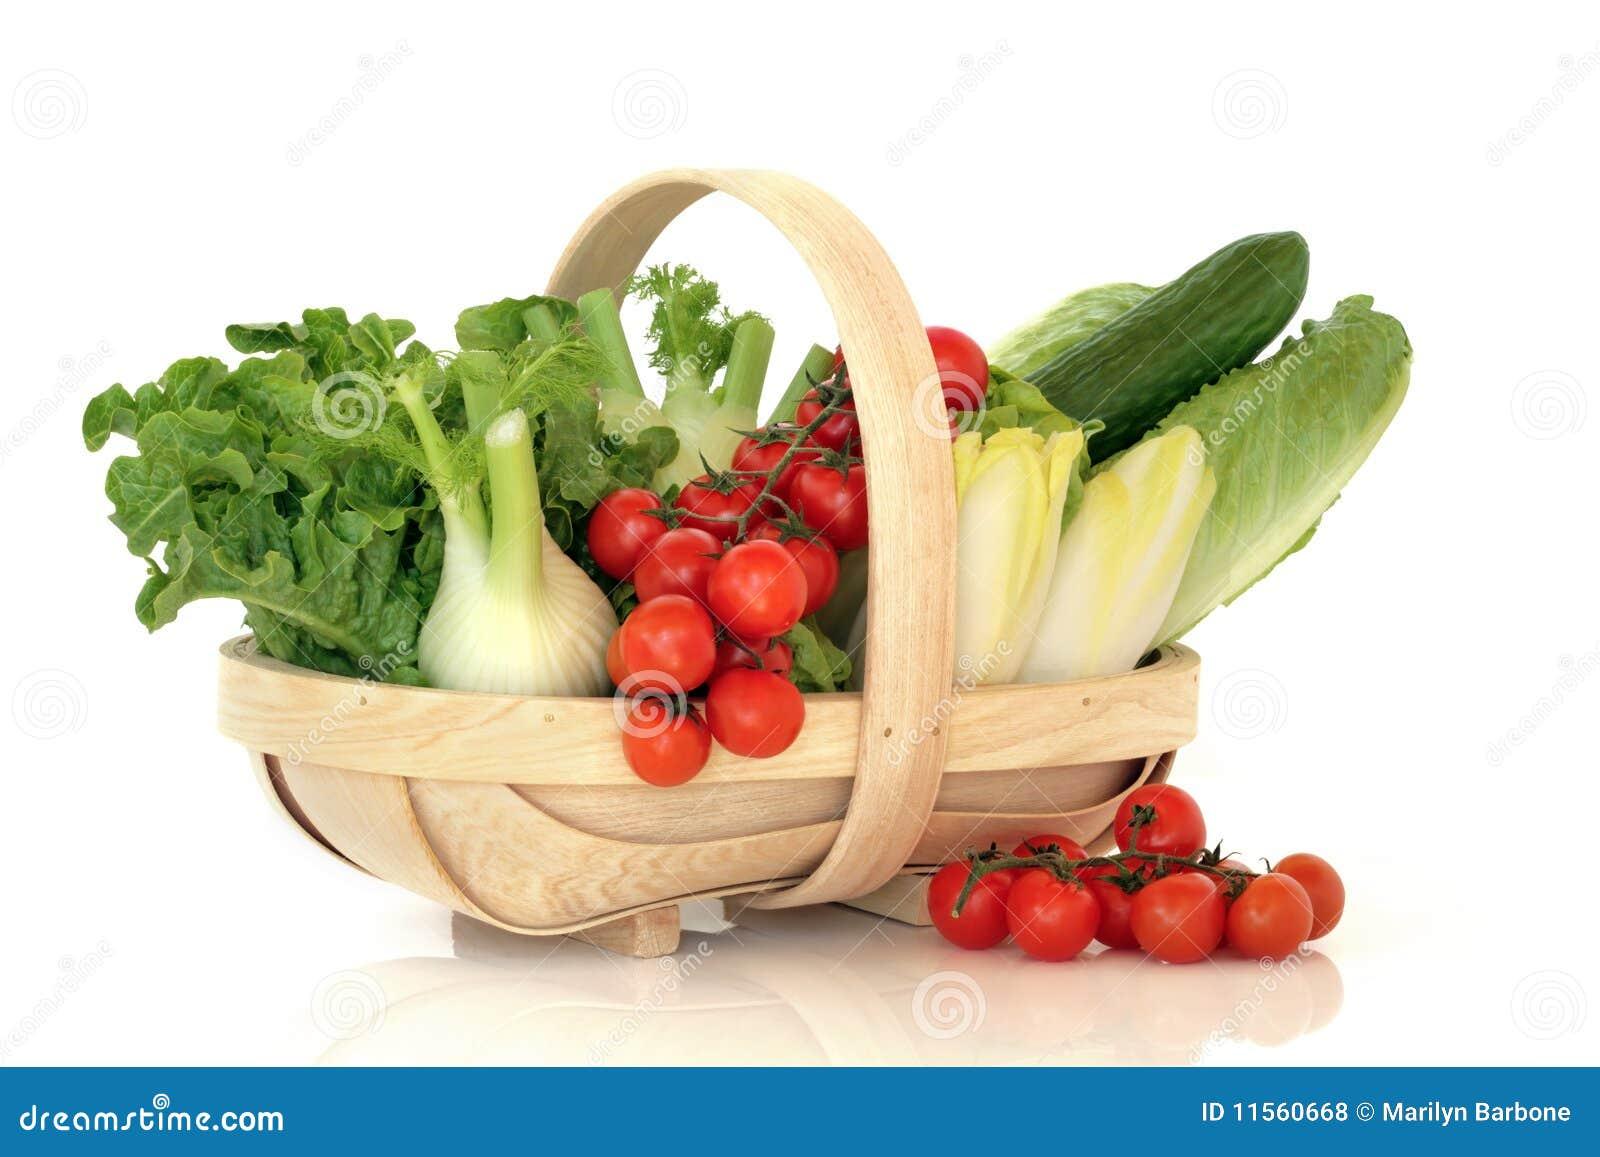 Vehículos de ensalada en una cesta